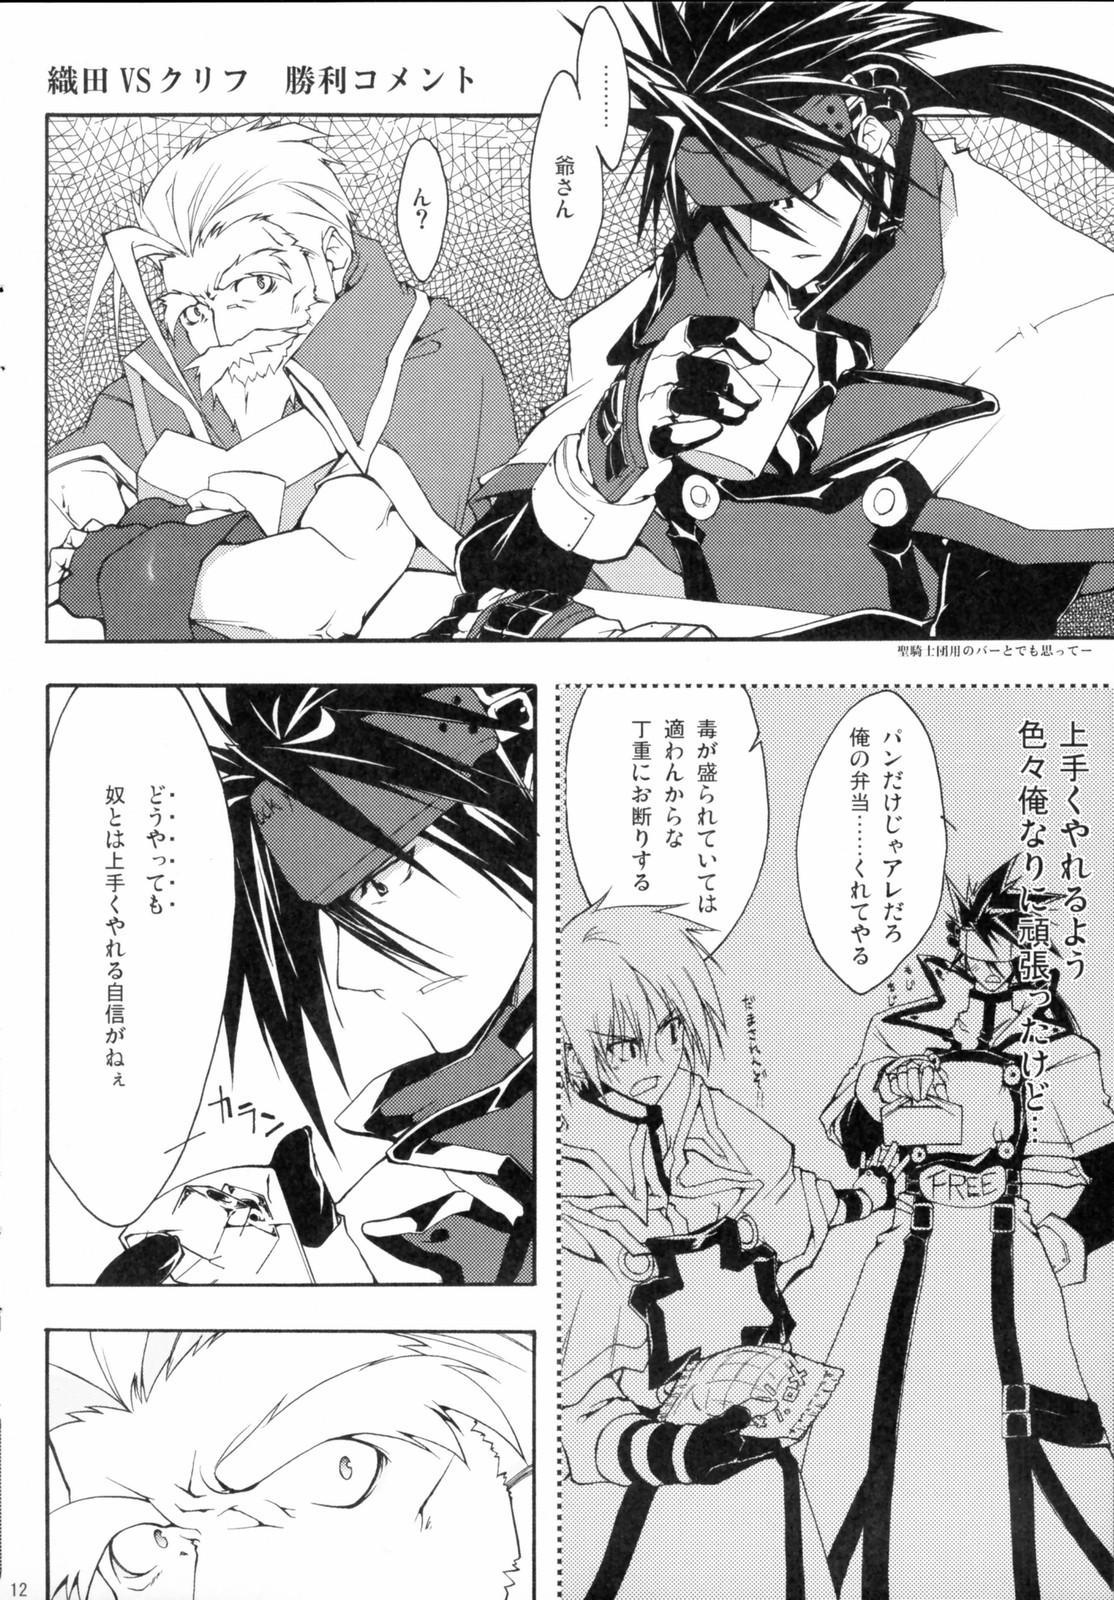 Zattou Keshiki Solo 5 Shitachichi Tengoku 10